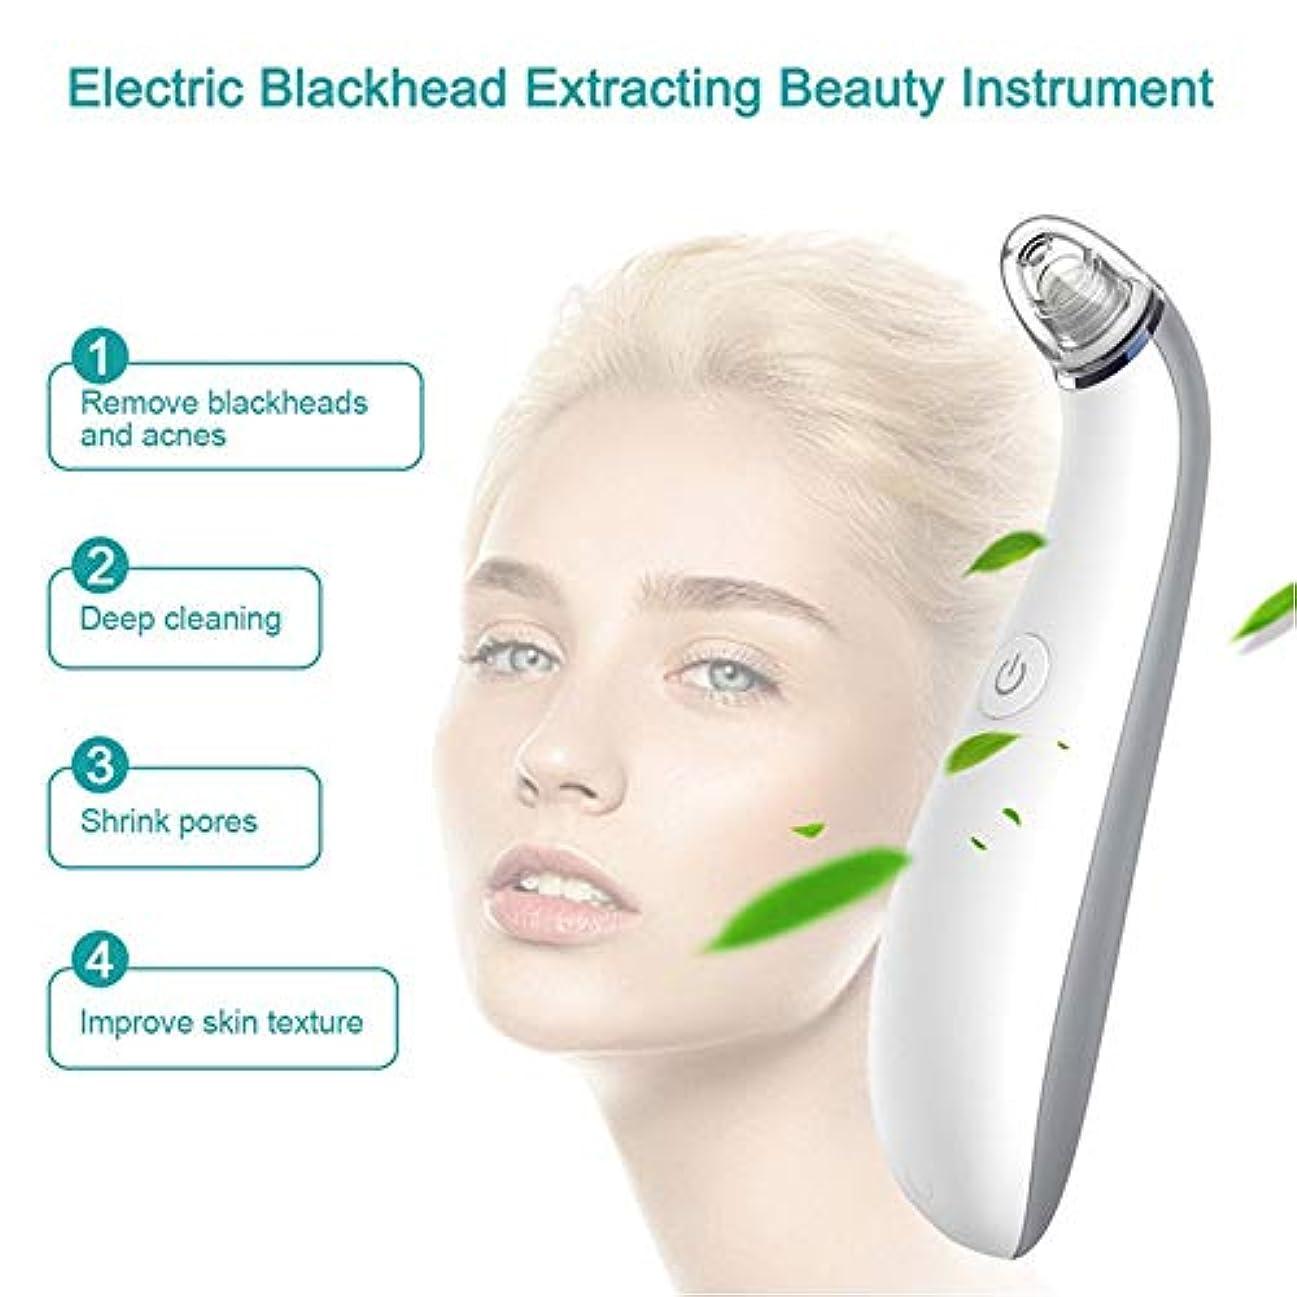 聖なる講堂地獄気孔の真空の深くきれいな、皮膚健康のための電気顔の安定した吸引のスキンケア用具4取り替え可能な吸引の頭部USB再充電可能